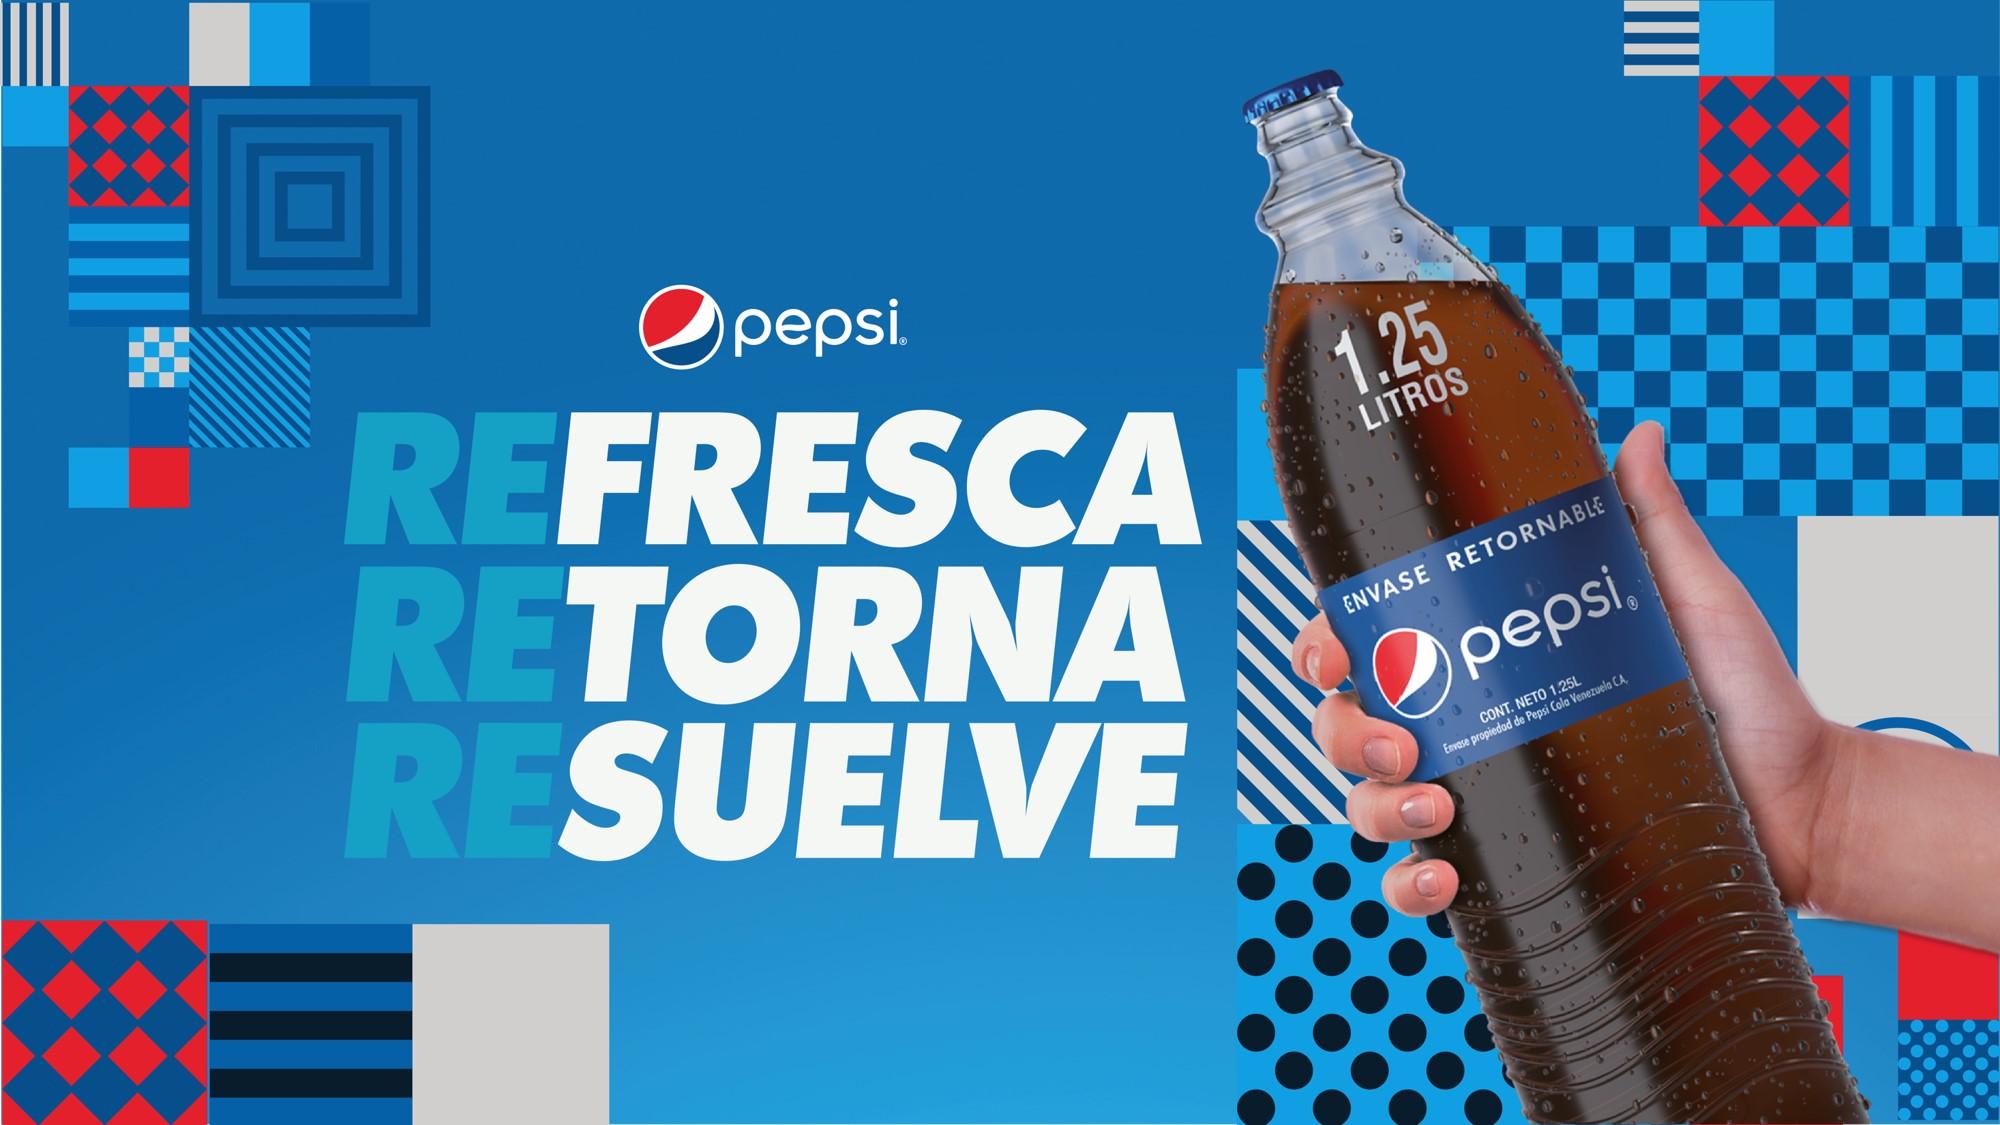 Pepsi estrena botella retornable de 1,25 litros